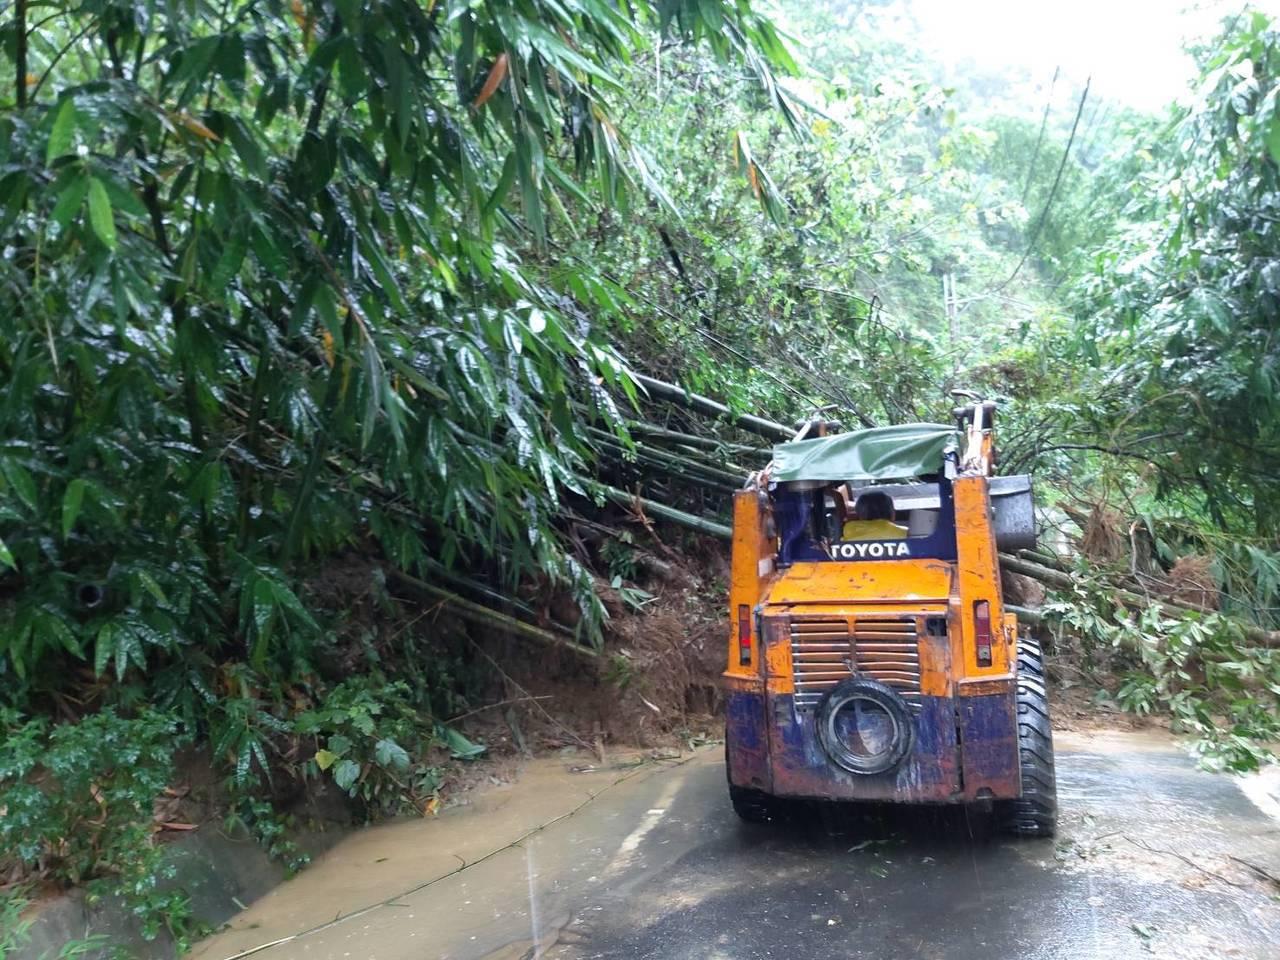 雲林古坑縣道158甲邊坡土石坍方 雙向道封閉搶通中